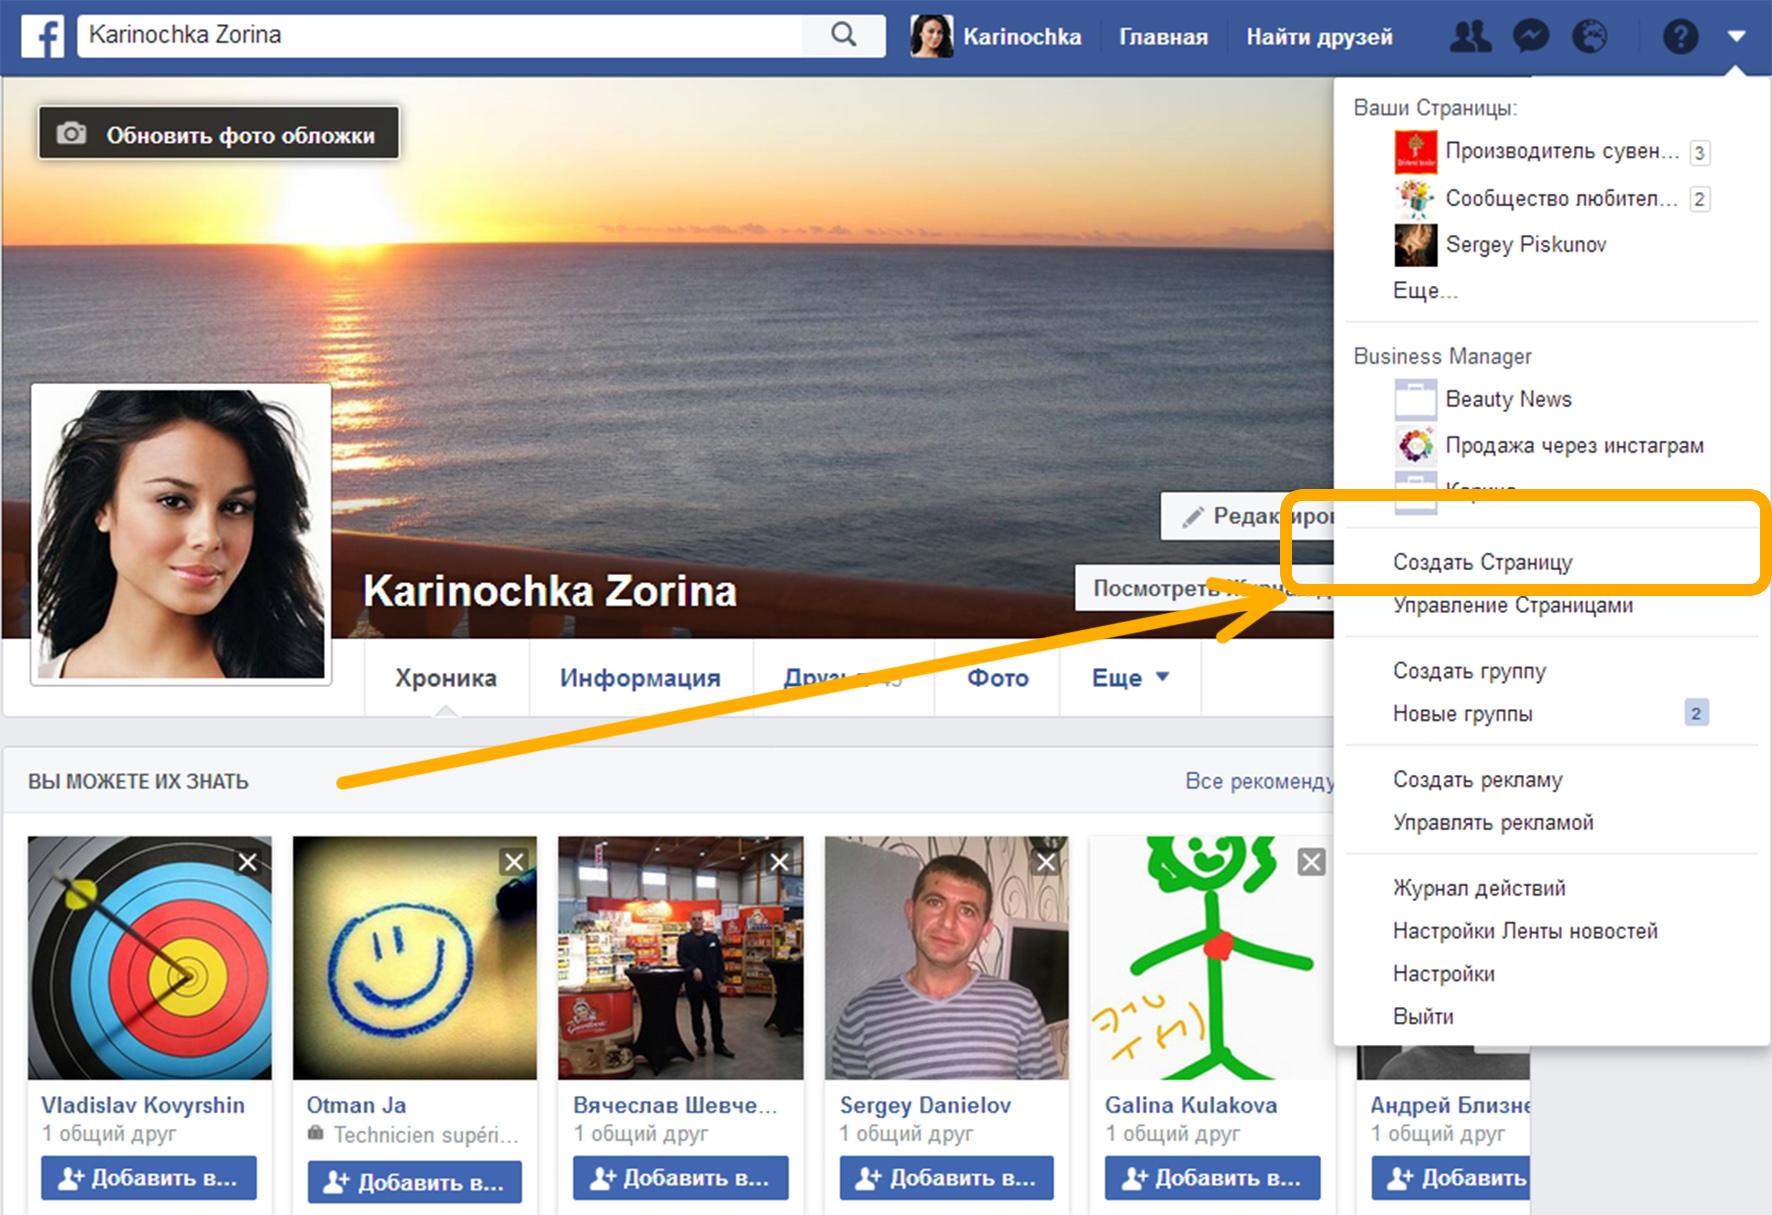 Кнопка «создать страницу» в выпадающем меню, на личном профиле пользователя, чтобы реализовать сообщество в facebook.